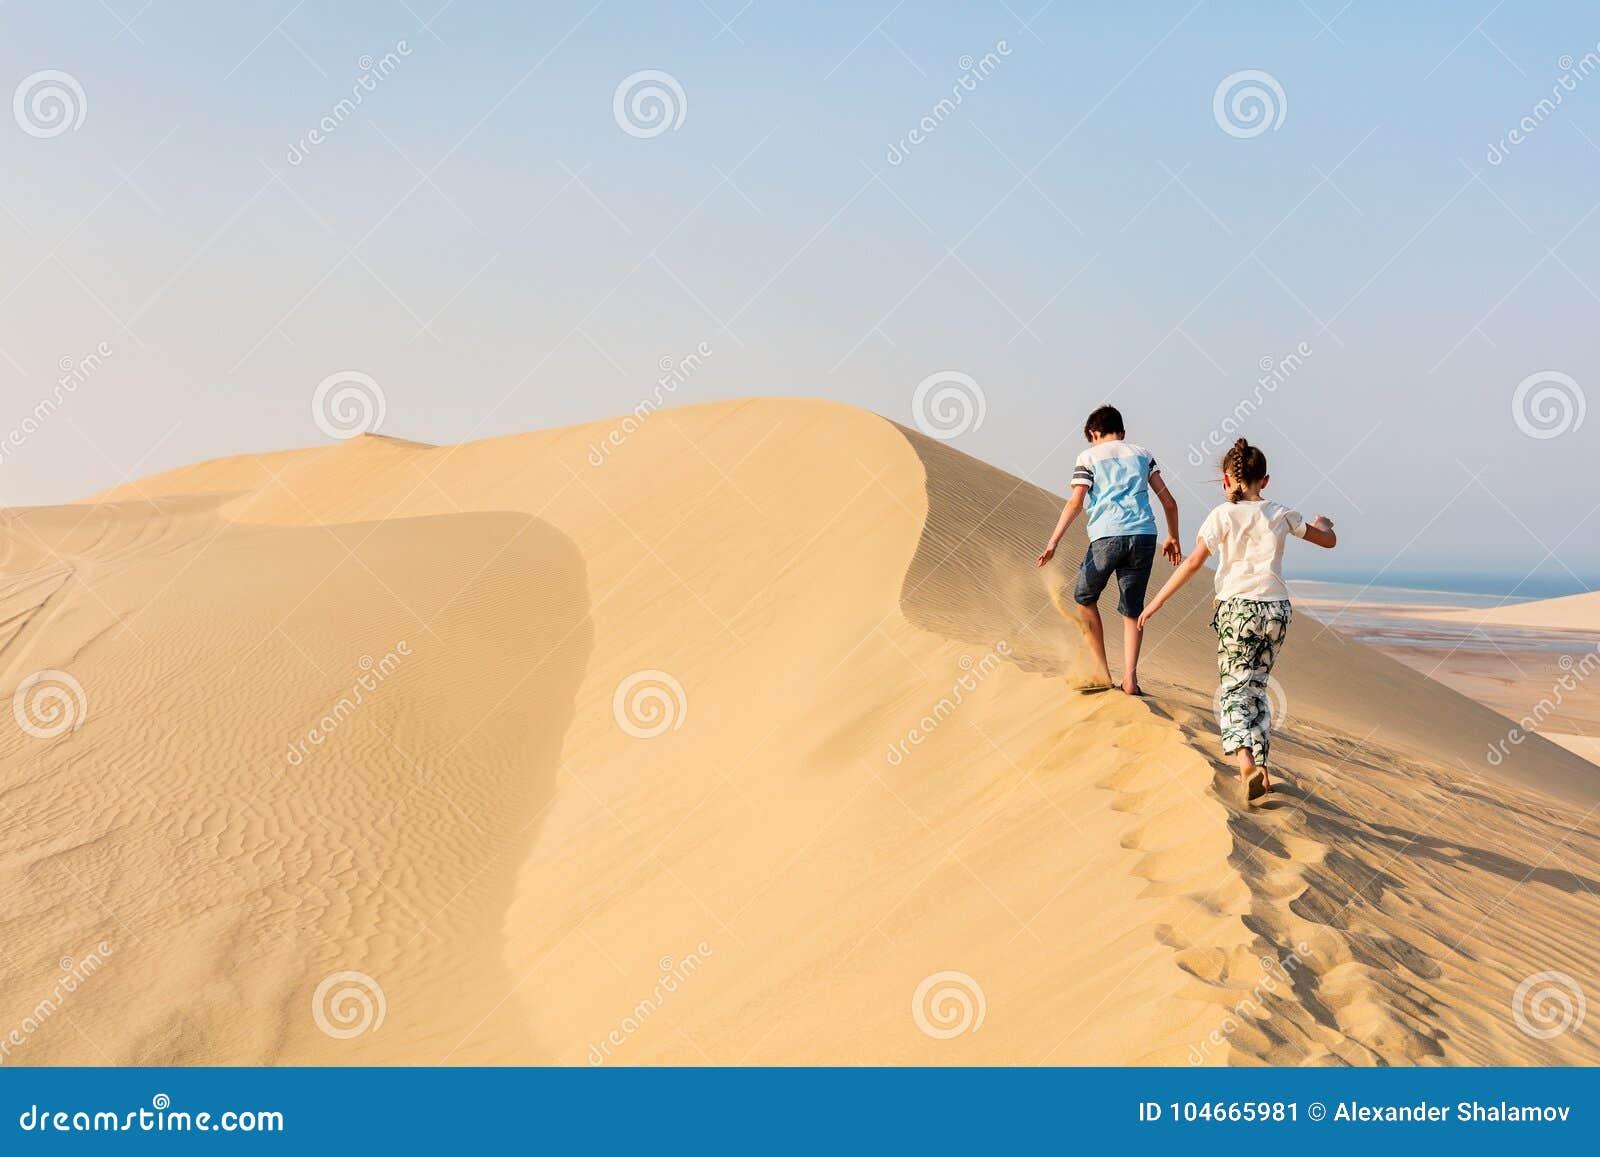 Kids having fun at desert stock image  Image of emotion